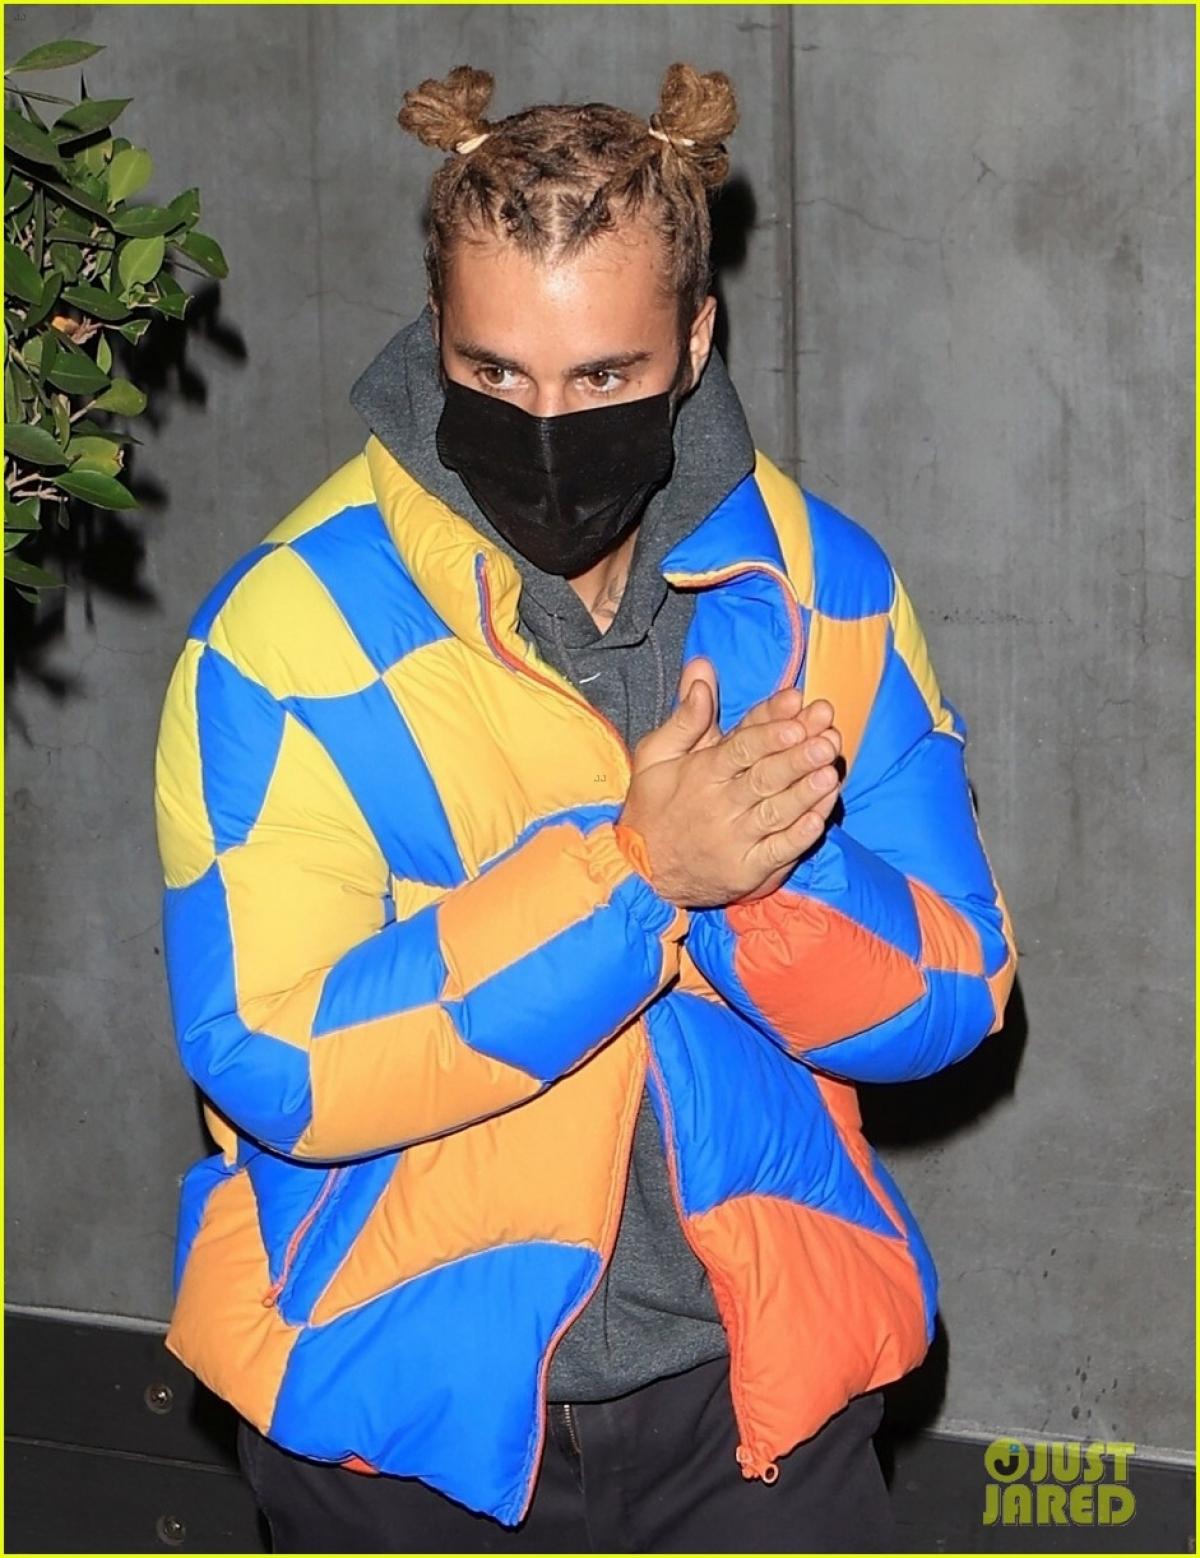 Mới đây, Justin Bieber gây chú ý khi đi ăn tối cùng bạn bè ở California.